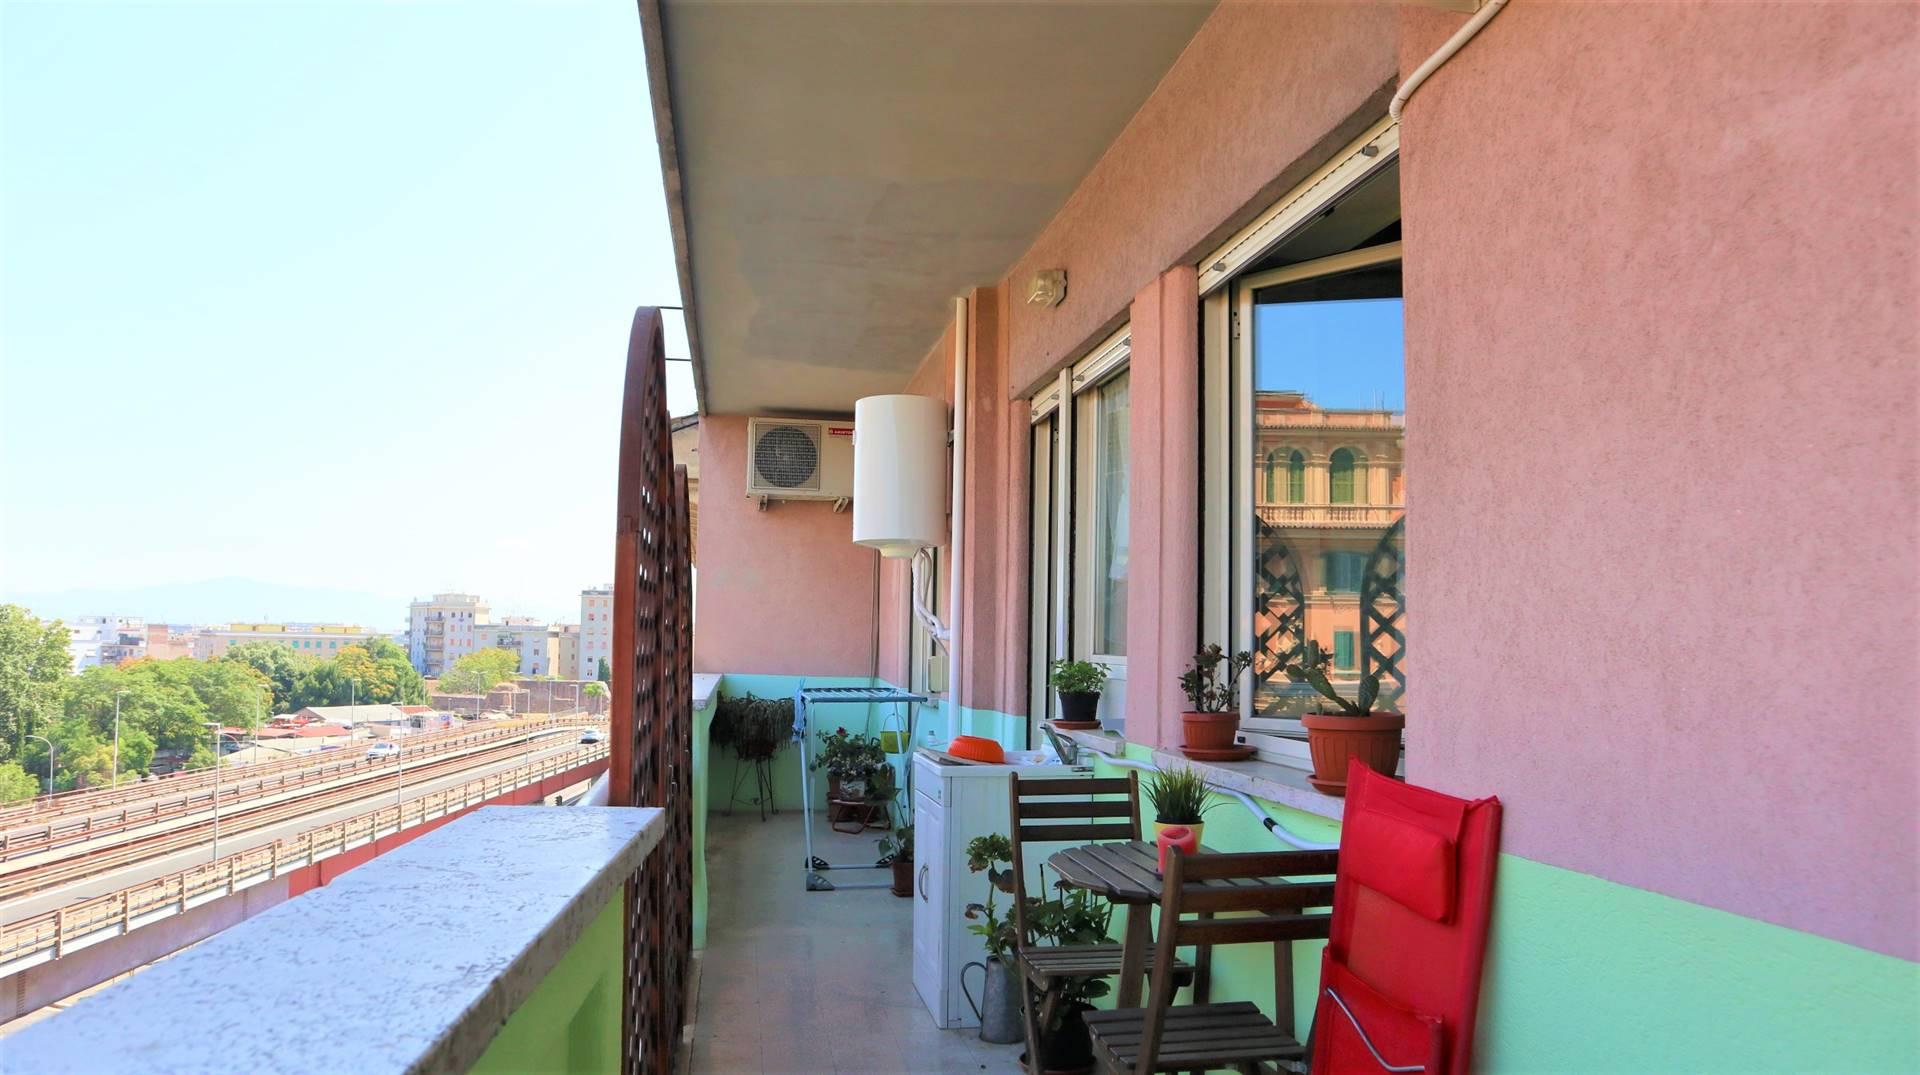 Appartamento in vendita a Roma, 4 locali, zona Zona: 10 . Pigneto, Largo Preneste, prezzo € 339.000 | CambioCasa.it